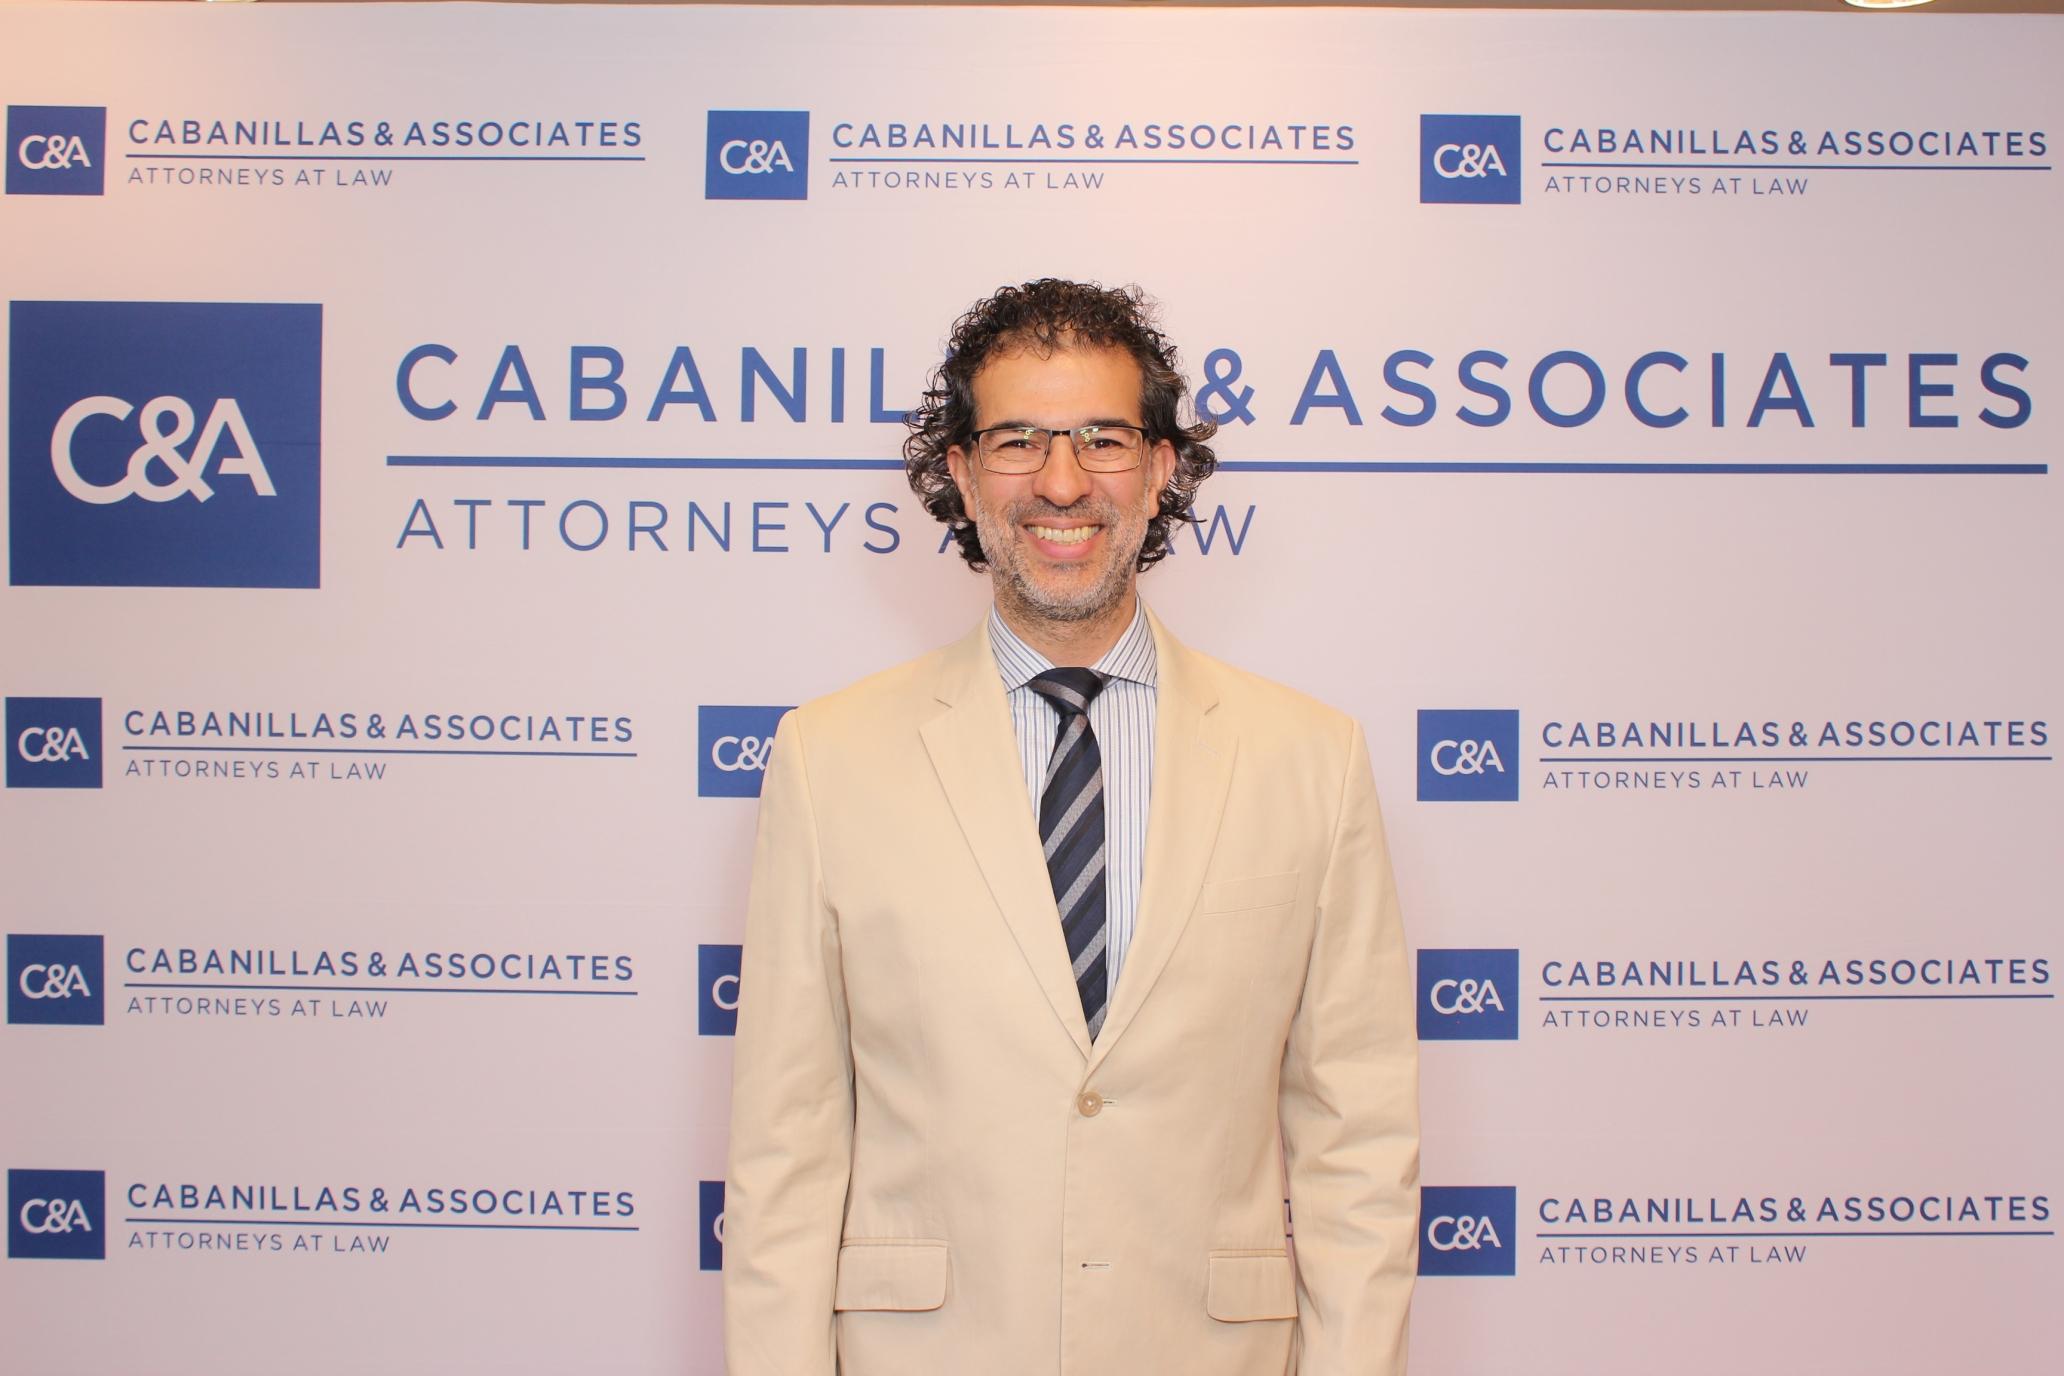 Cabanillas2018_2018-06-14_18-50-50.jpg